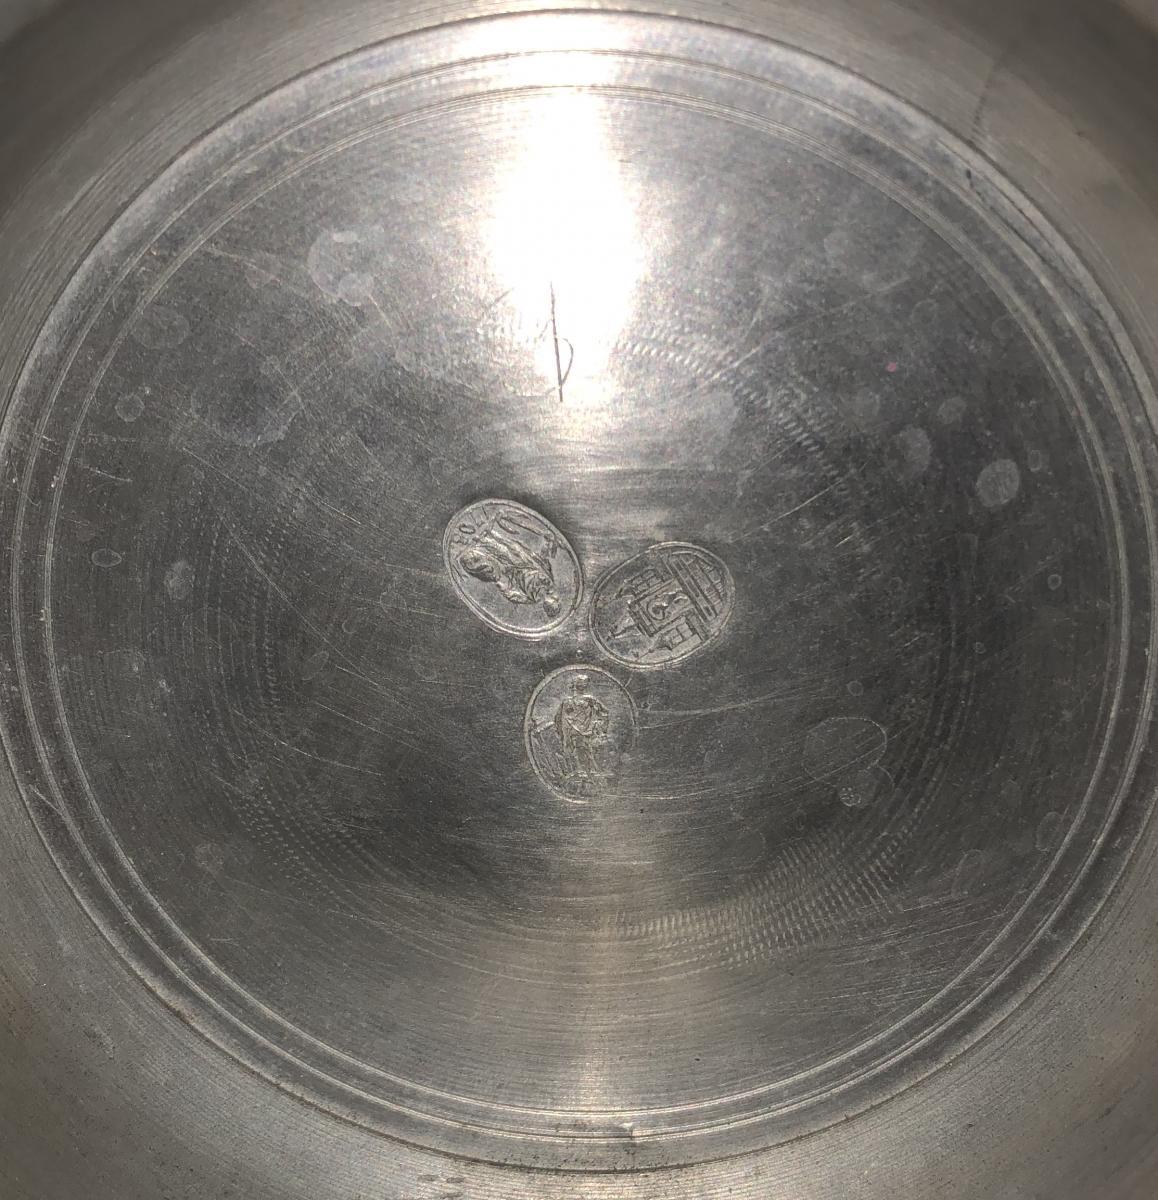 Inside lid